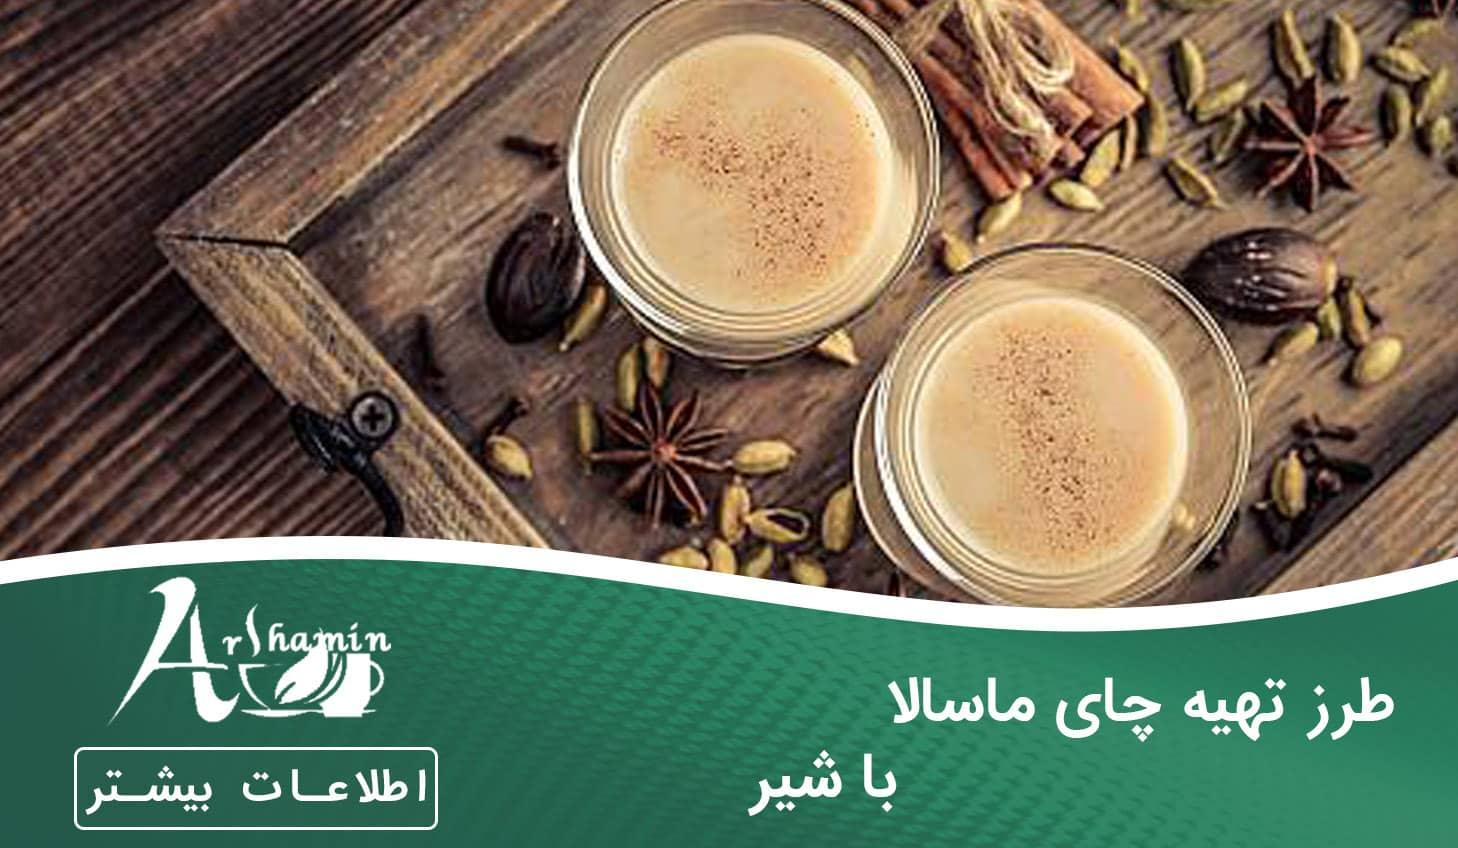 طرز تهیه چای ماسالا با شیر